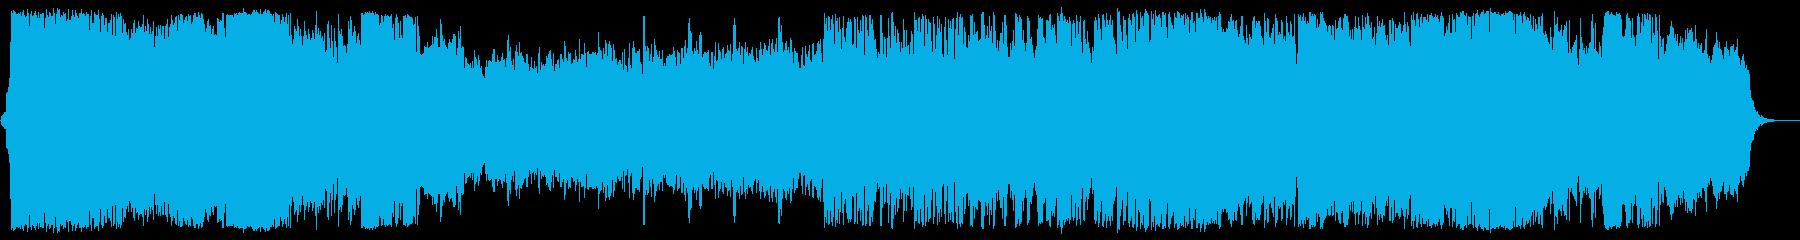 高貴・シンフォニック・クラシカルな音楽の再生済みの波形